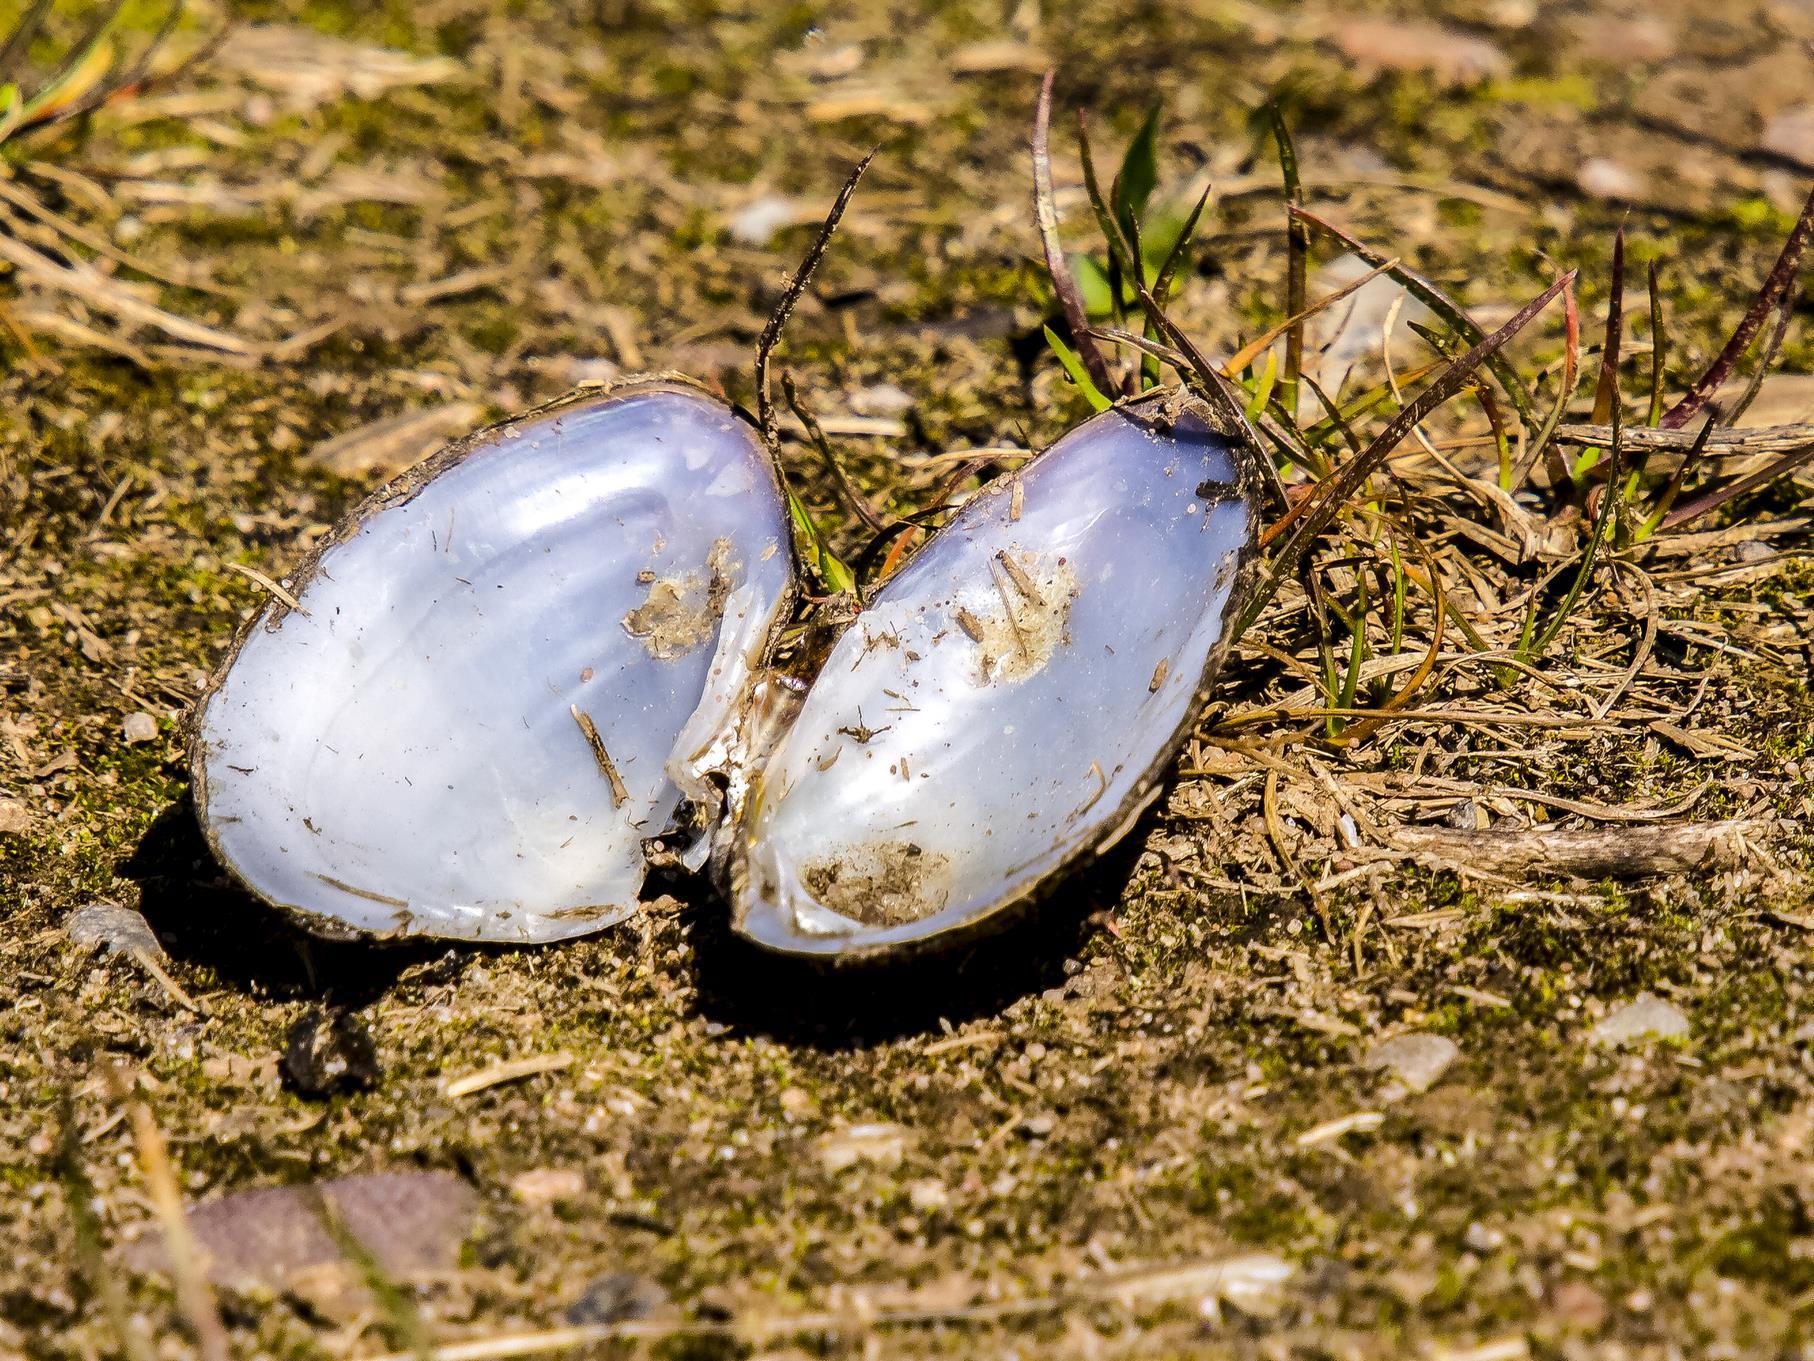 Die Teichmuschel-Schalen liegen überall auf den Wegen.